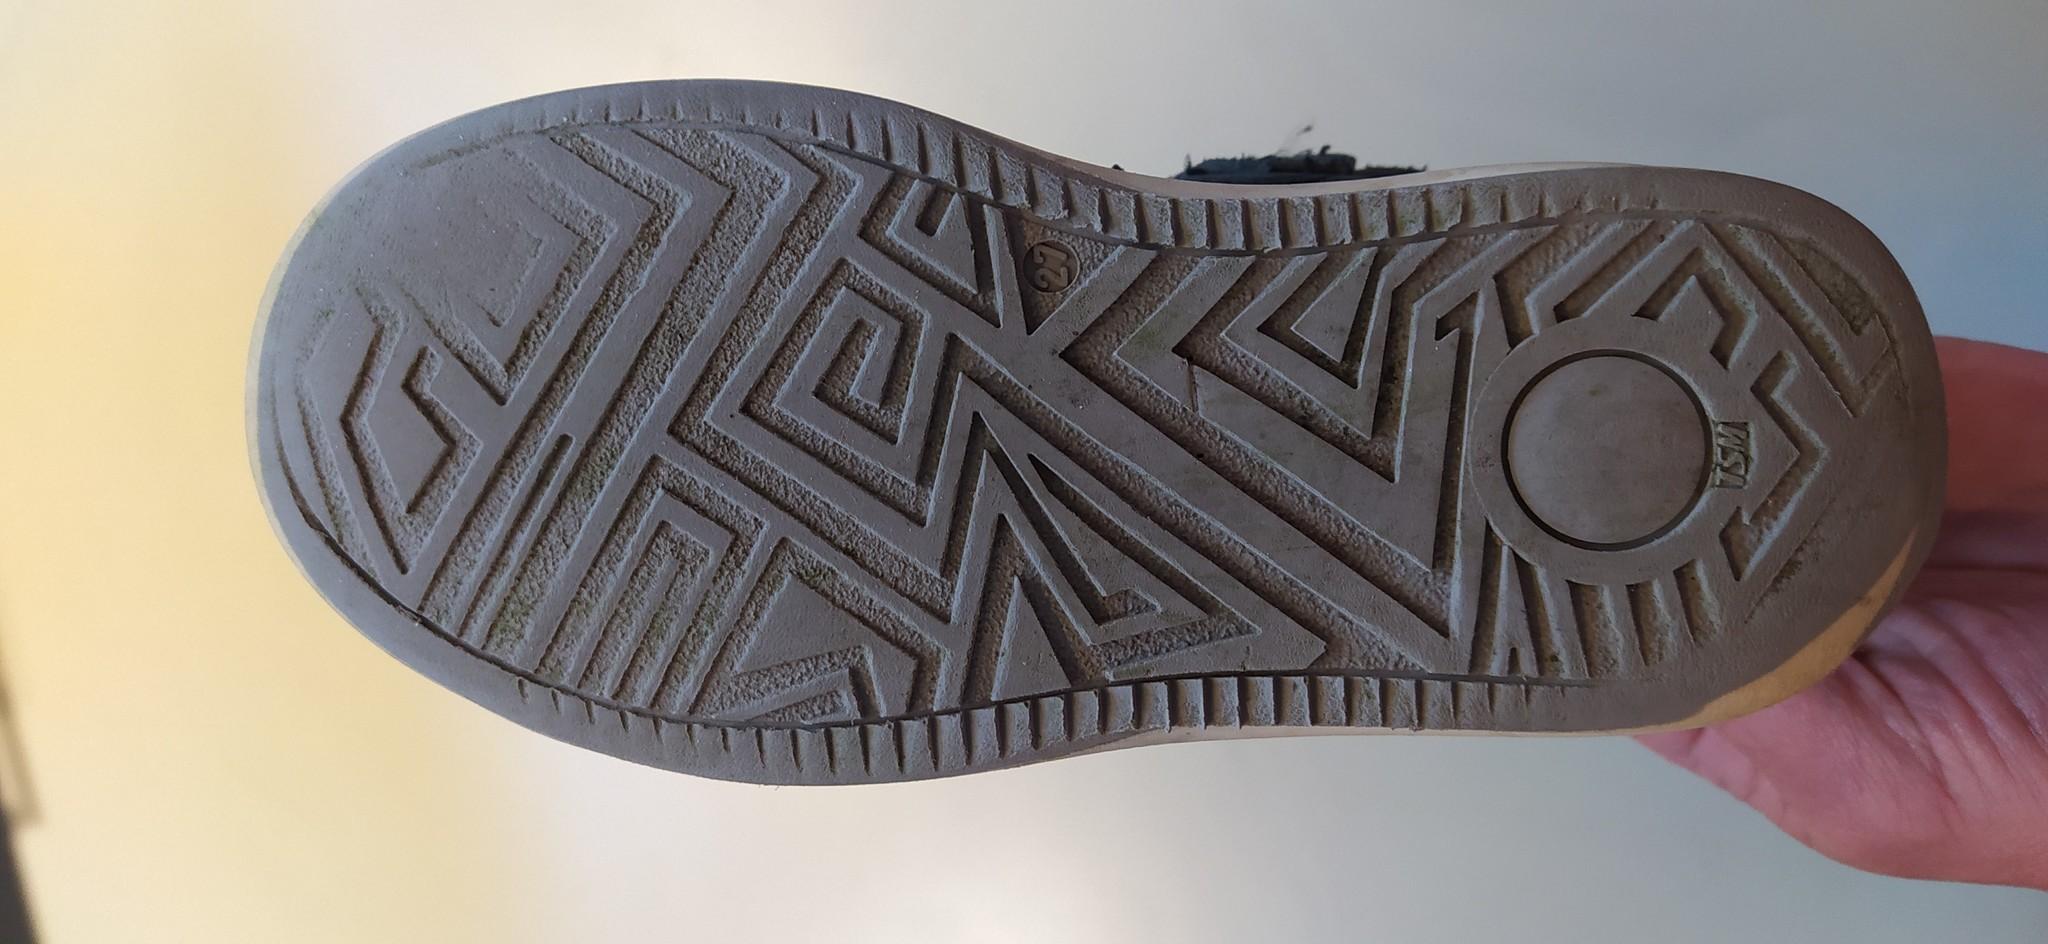 Slijtage buitenkant hak en binnenkant tenen